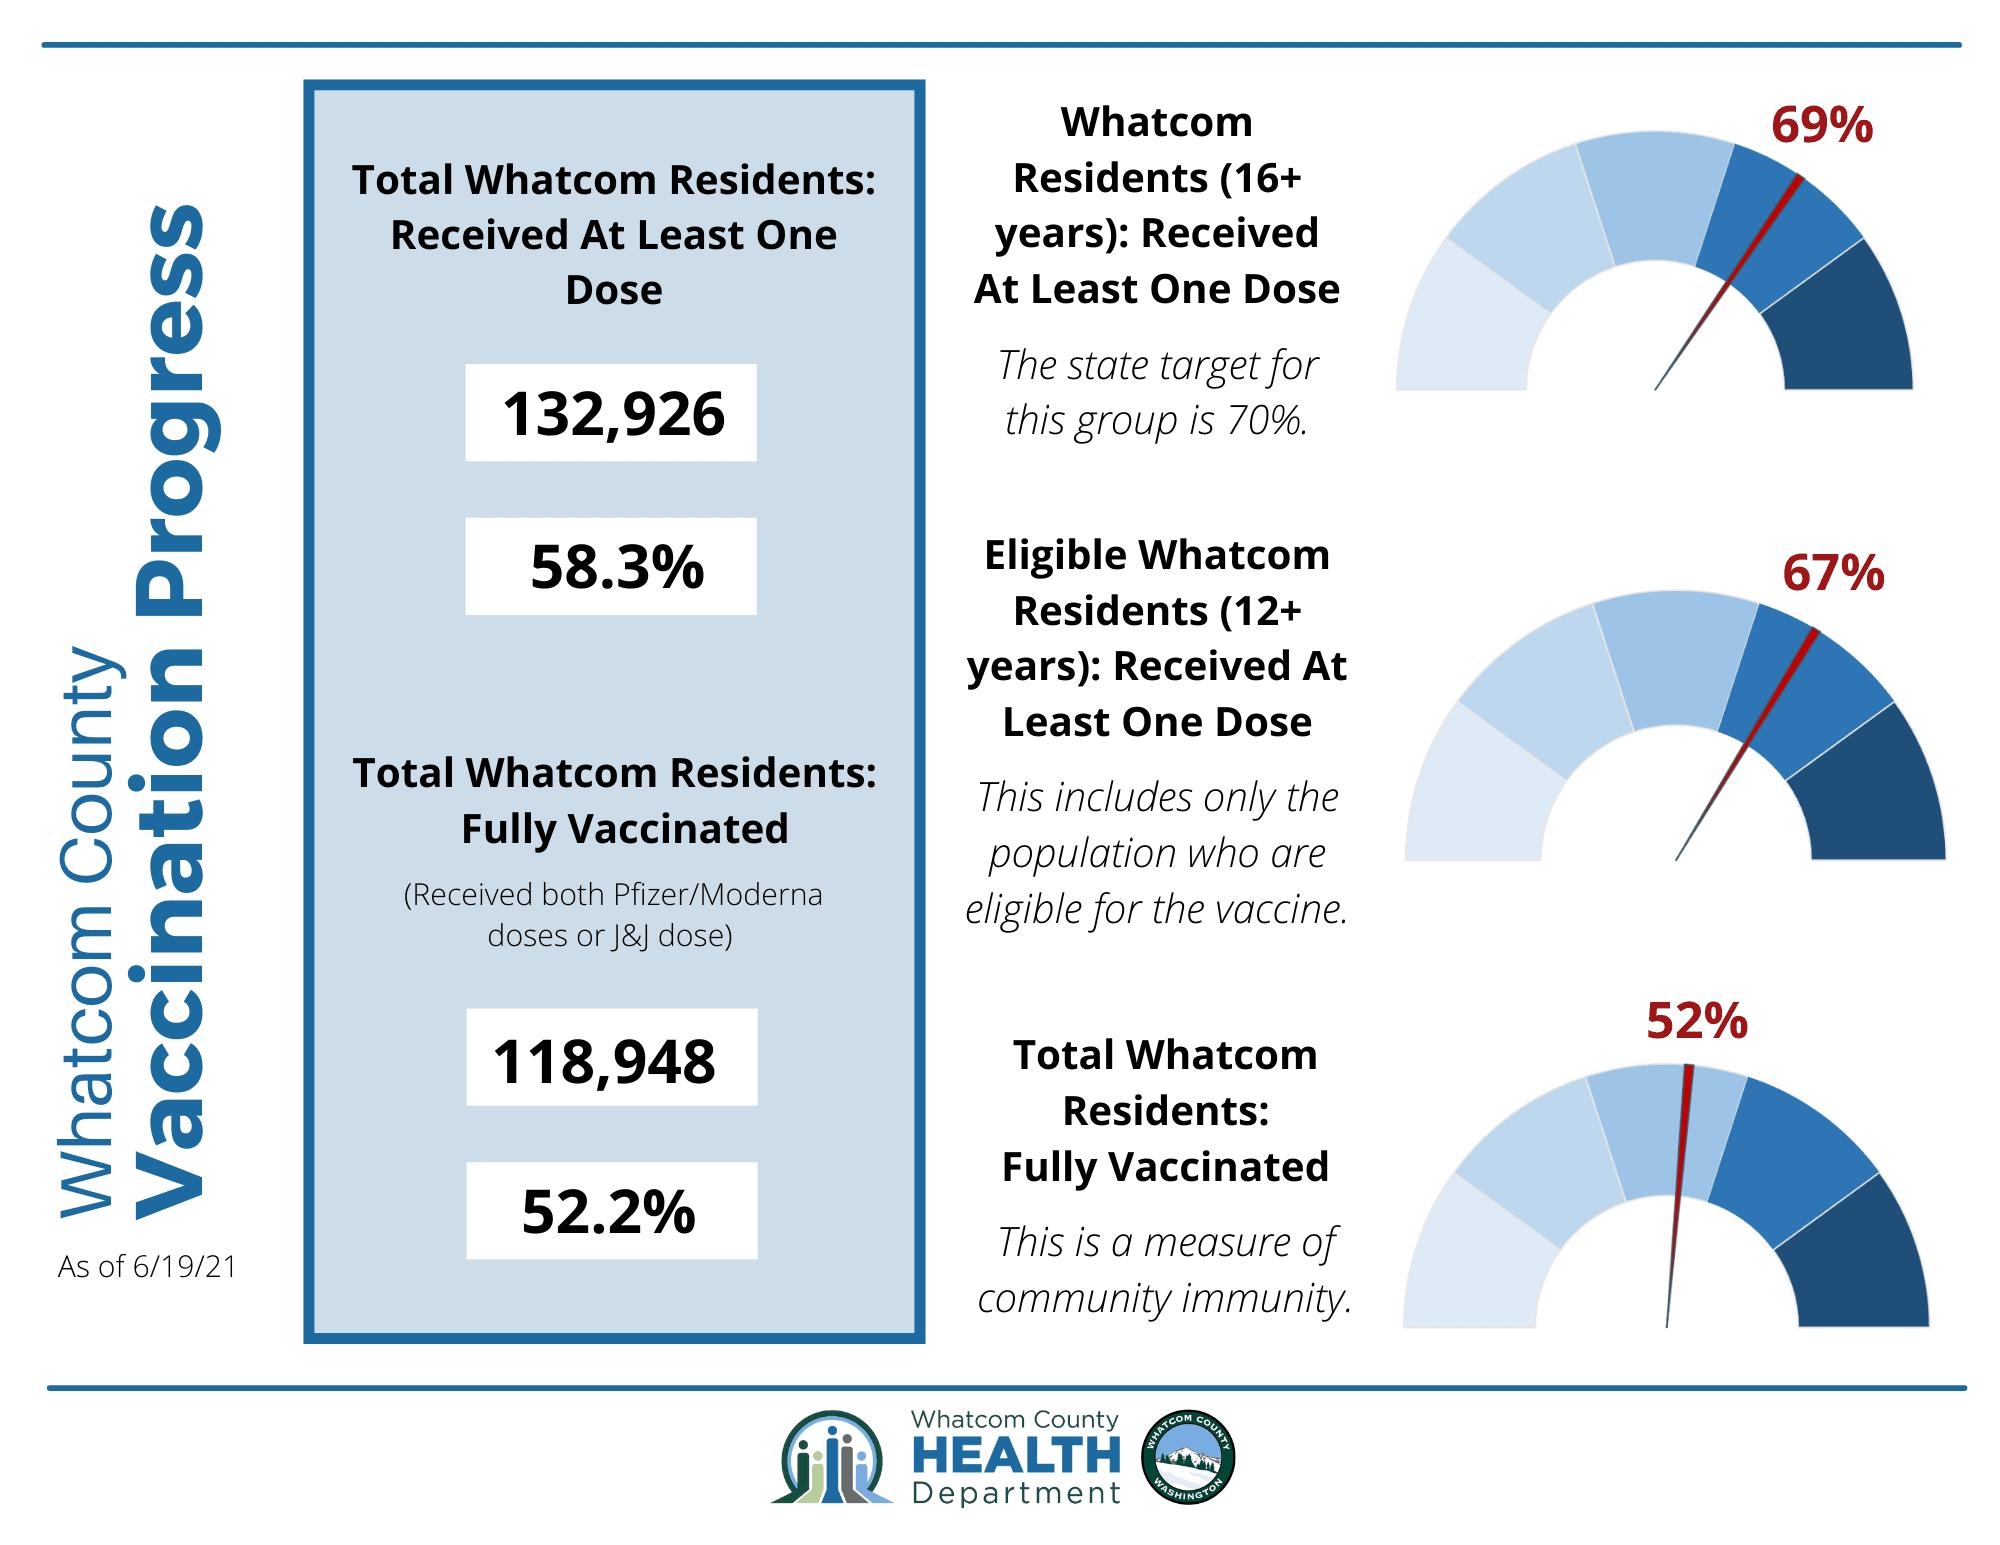 Whatcom County Vax Progress Infographic 6/22/21